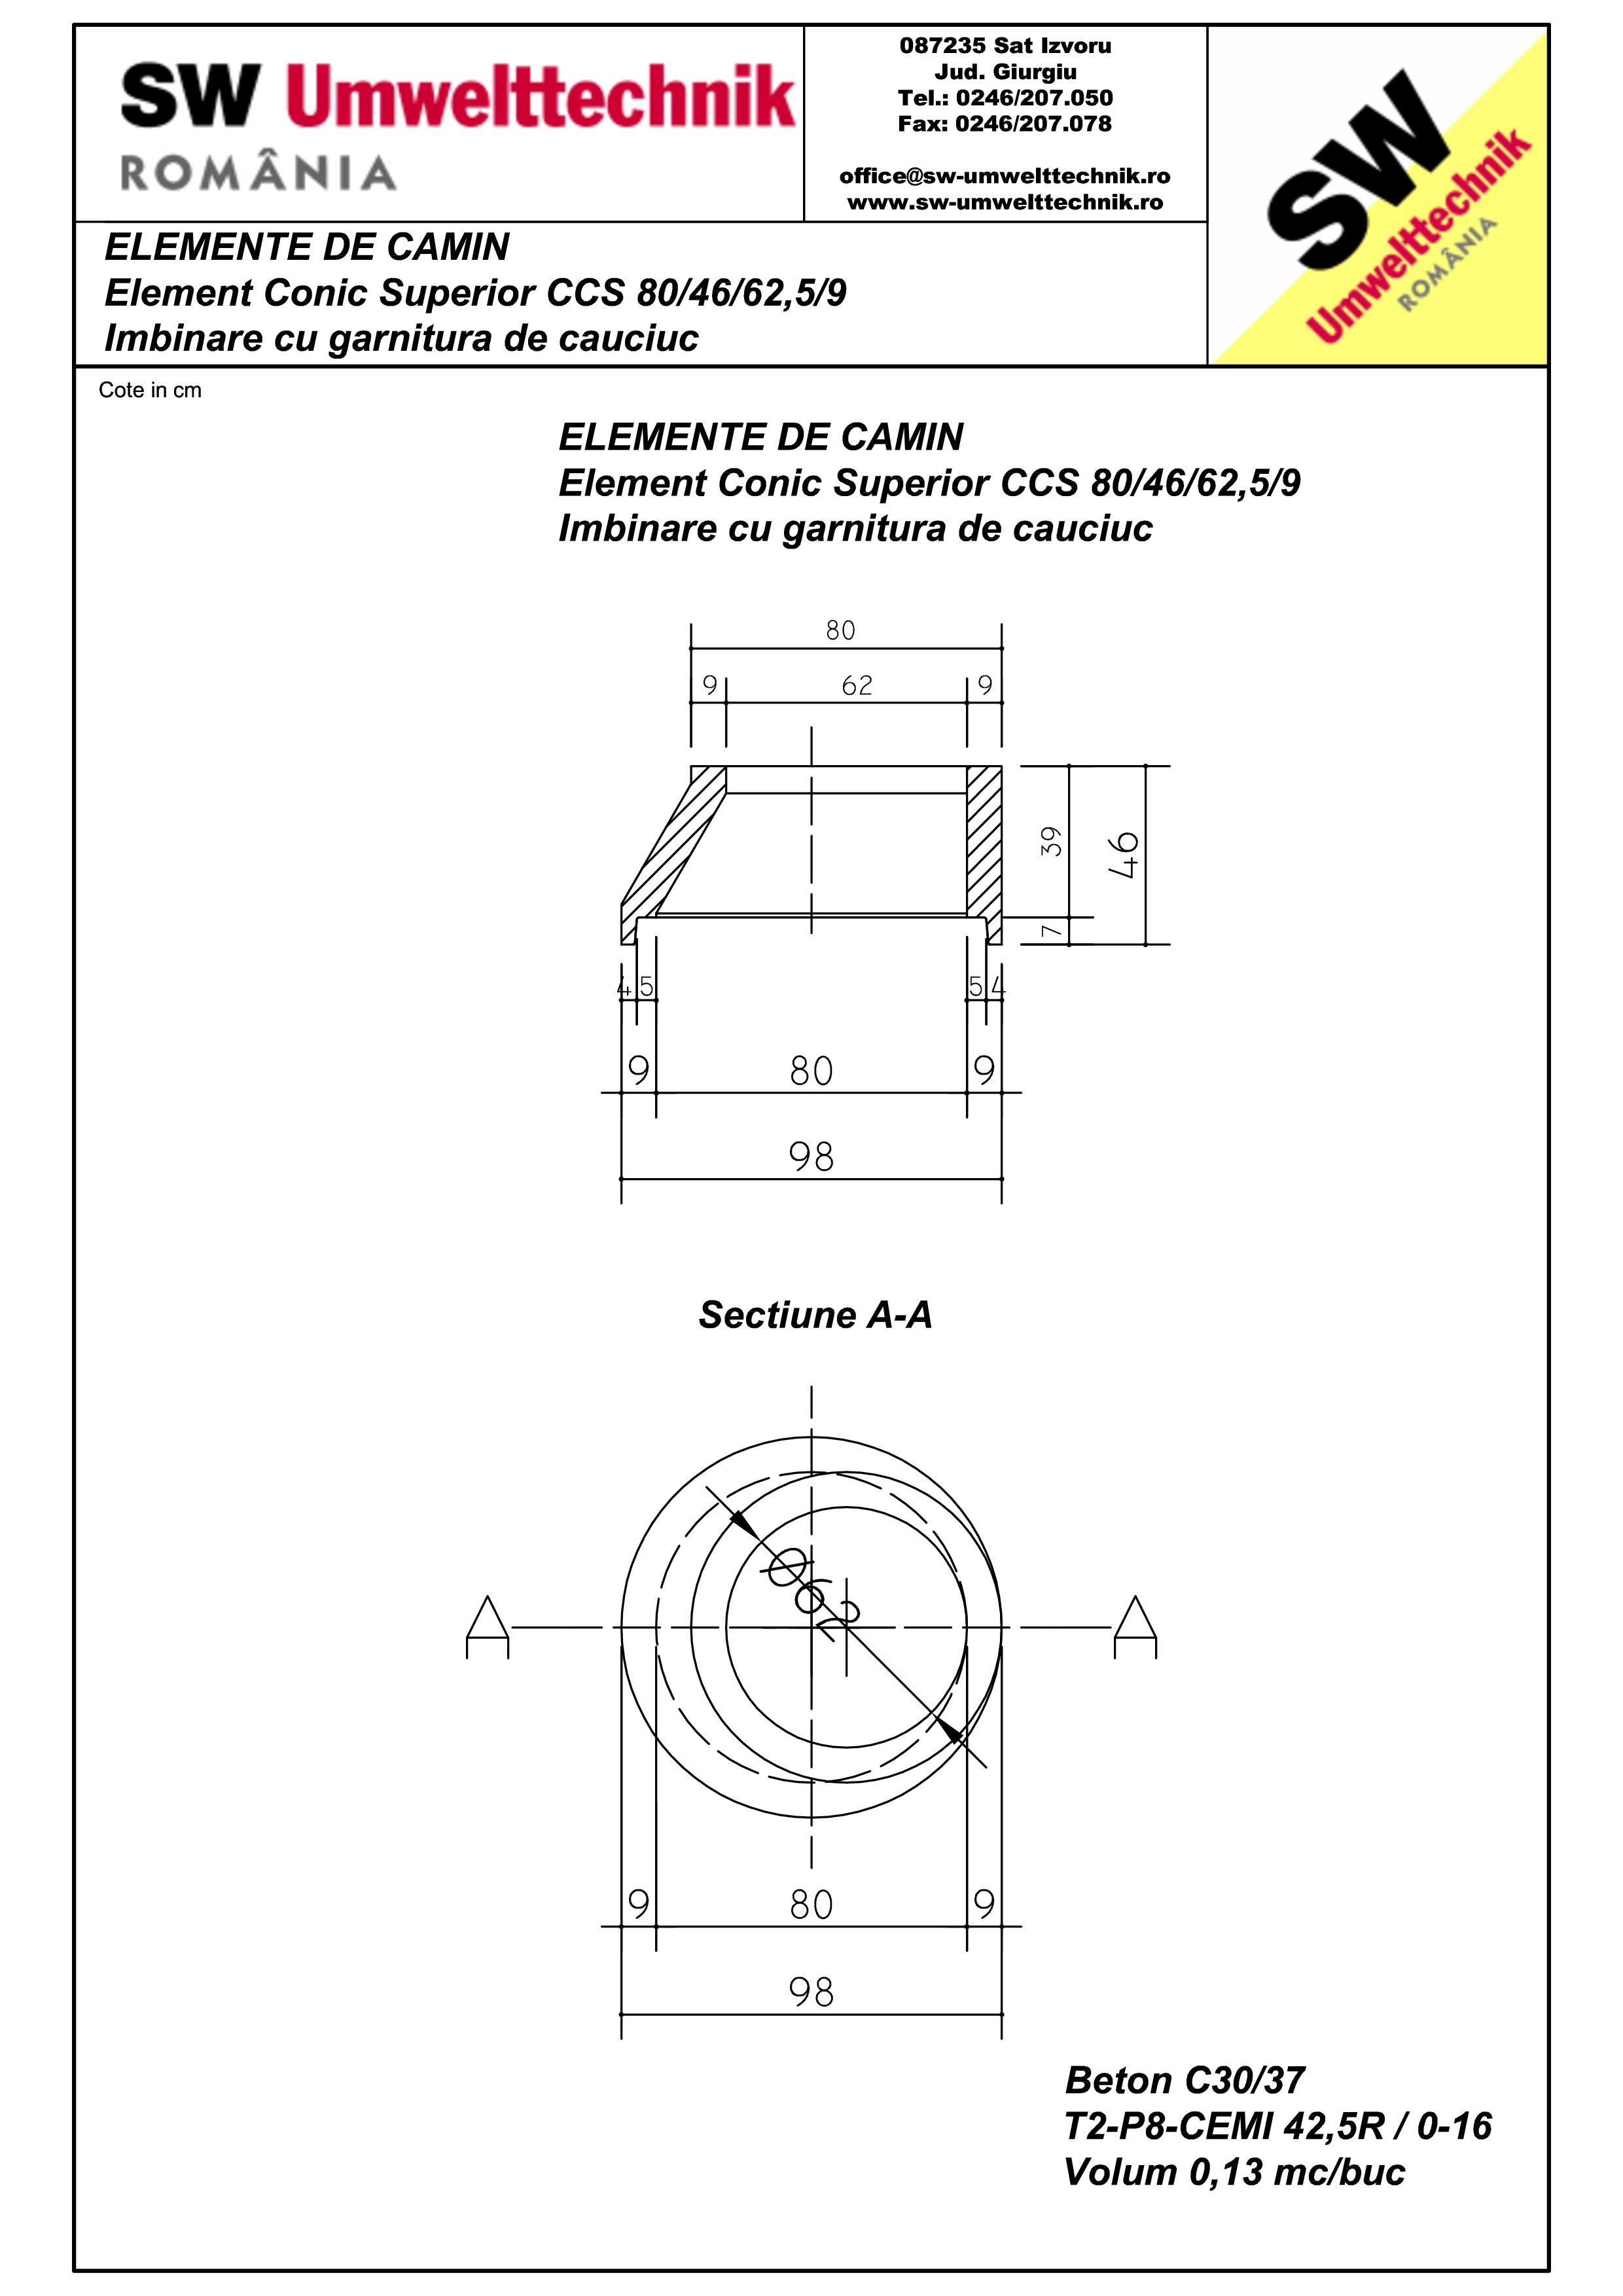 Pagina 1 - CAD-PDF Element conic superior CCS 80.46.62,5.9 SW UMWELTTECHNIK Detaliu de produs